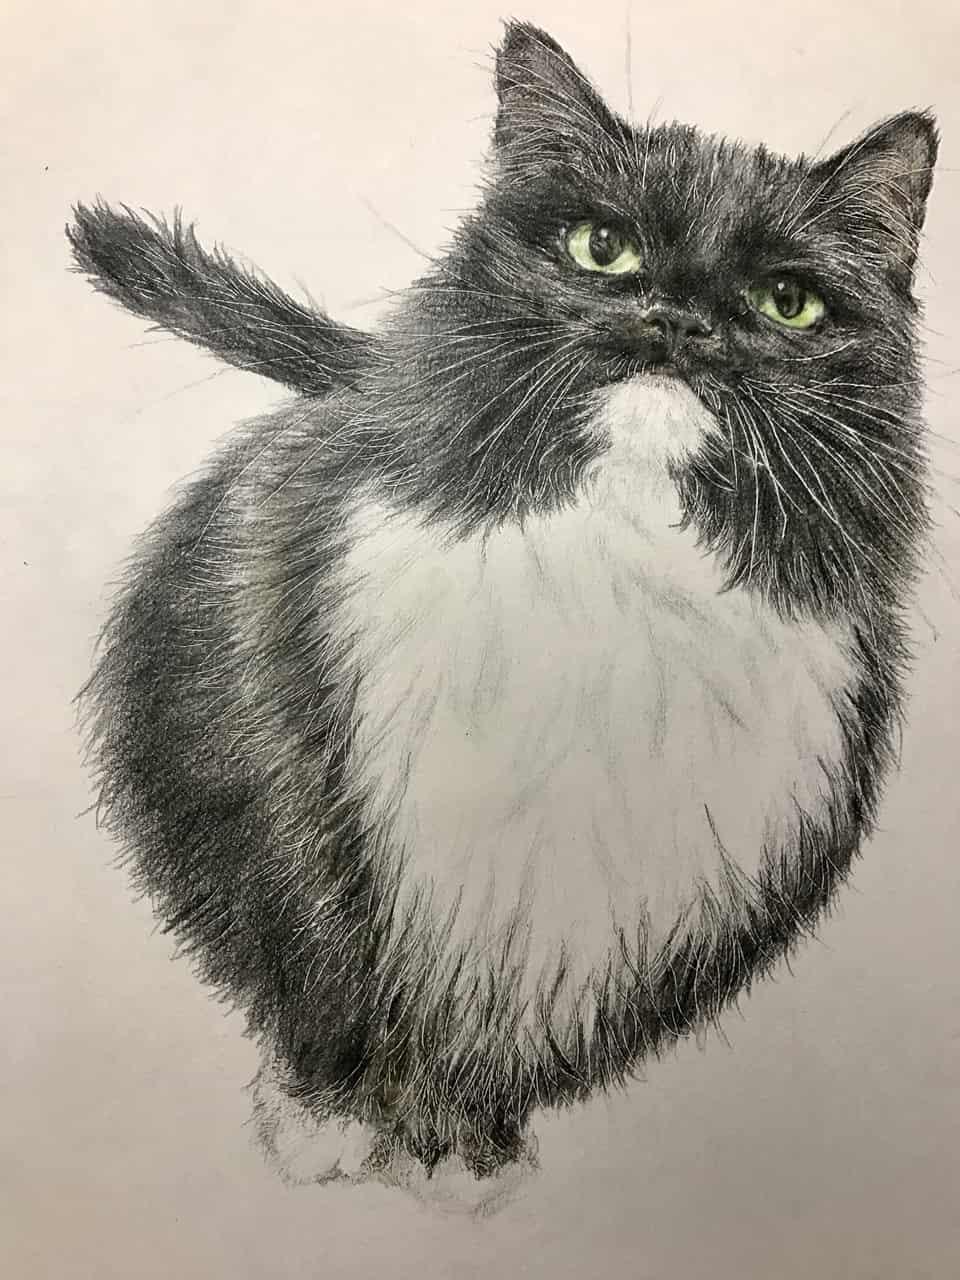 もな Illust of なっちゃん DOGvsCAT_CAT 絵描きさんと繋がりたい animal 色鉛筆画 cat